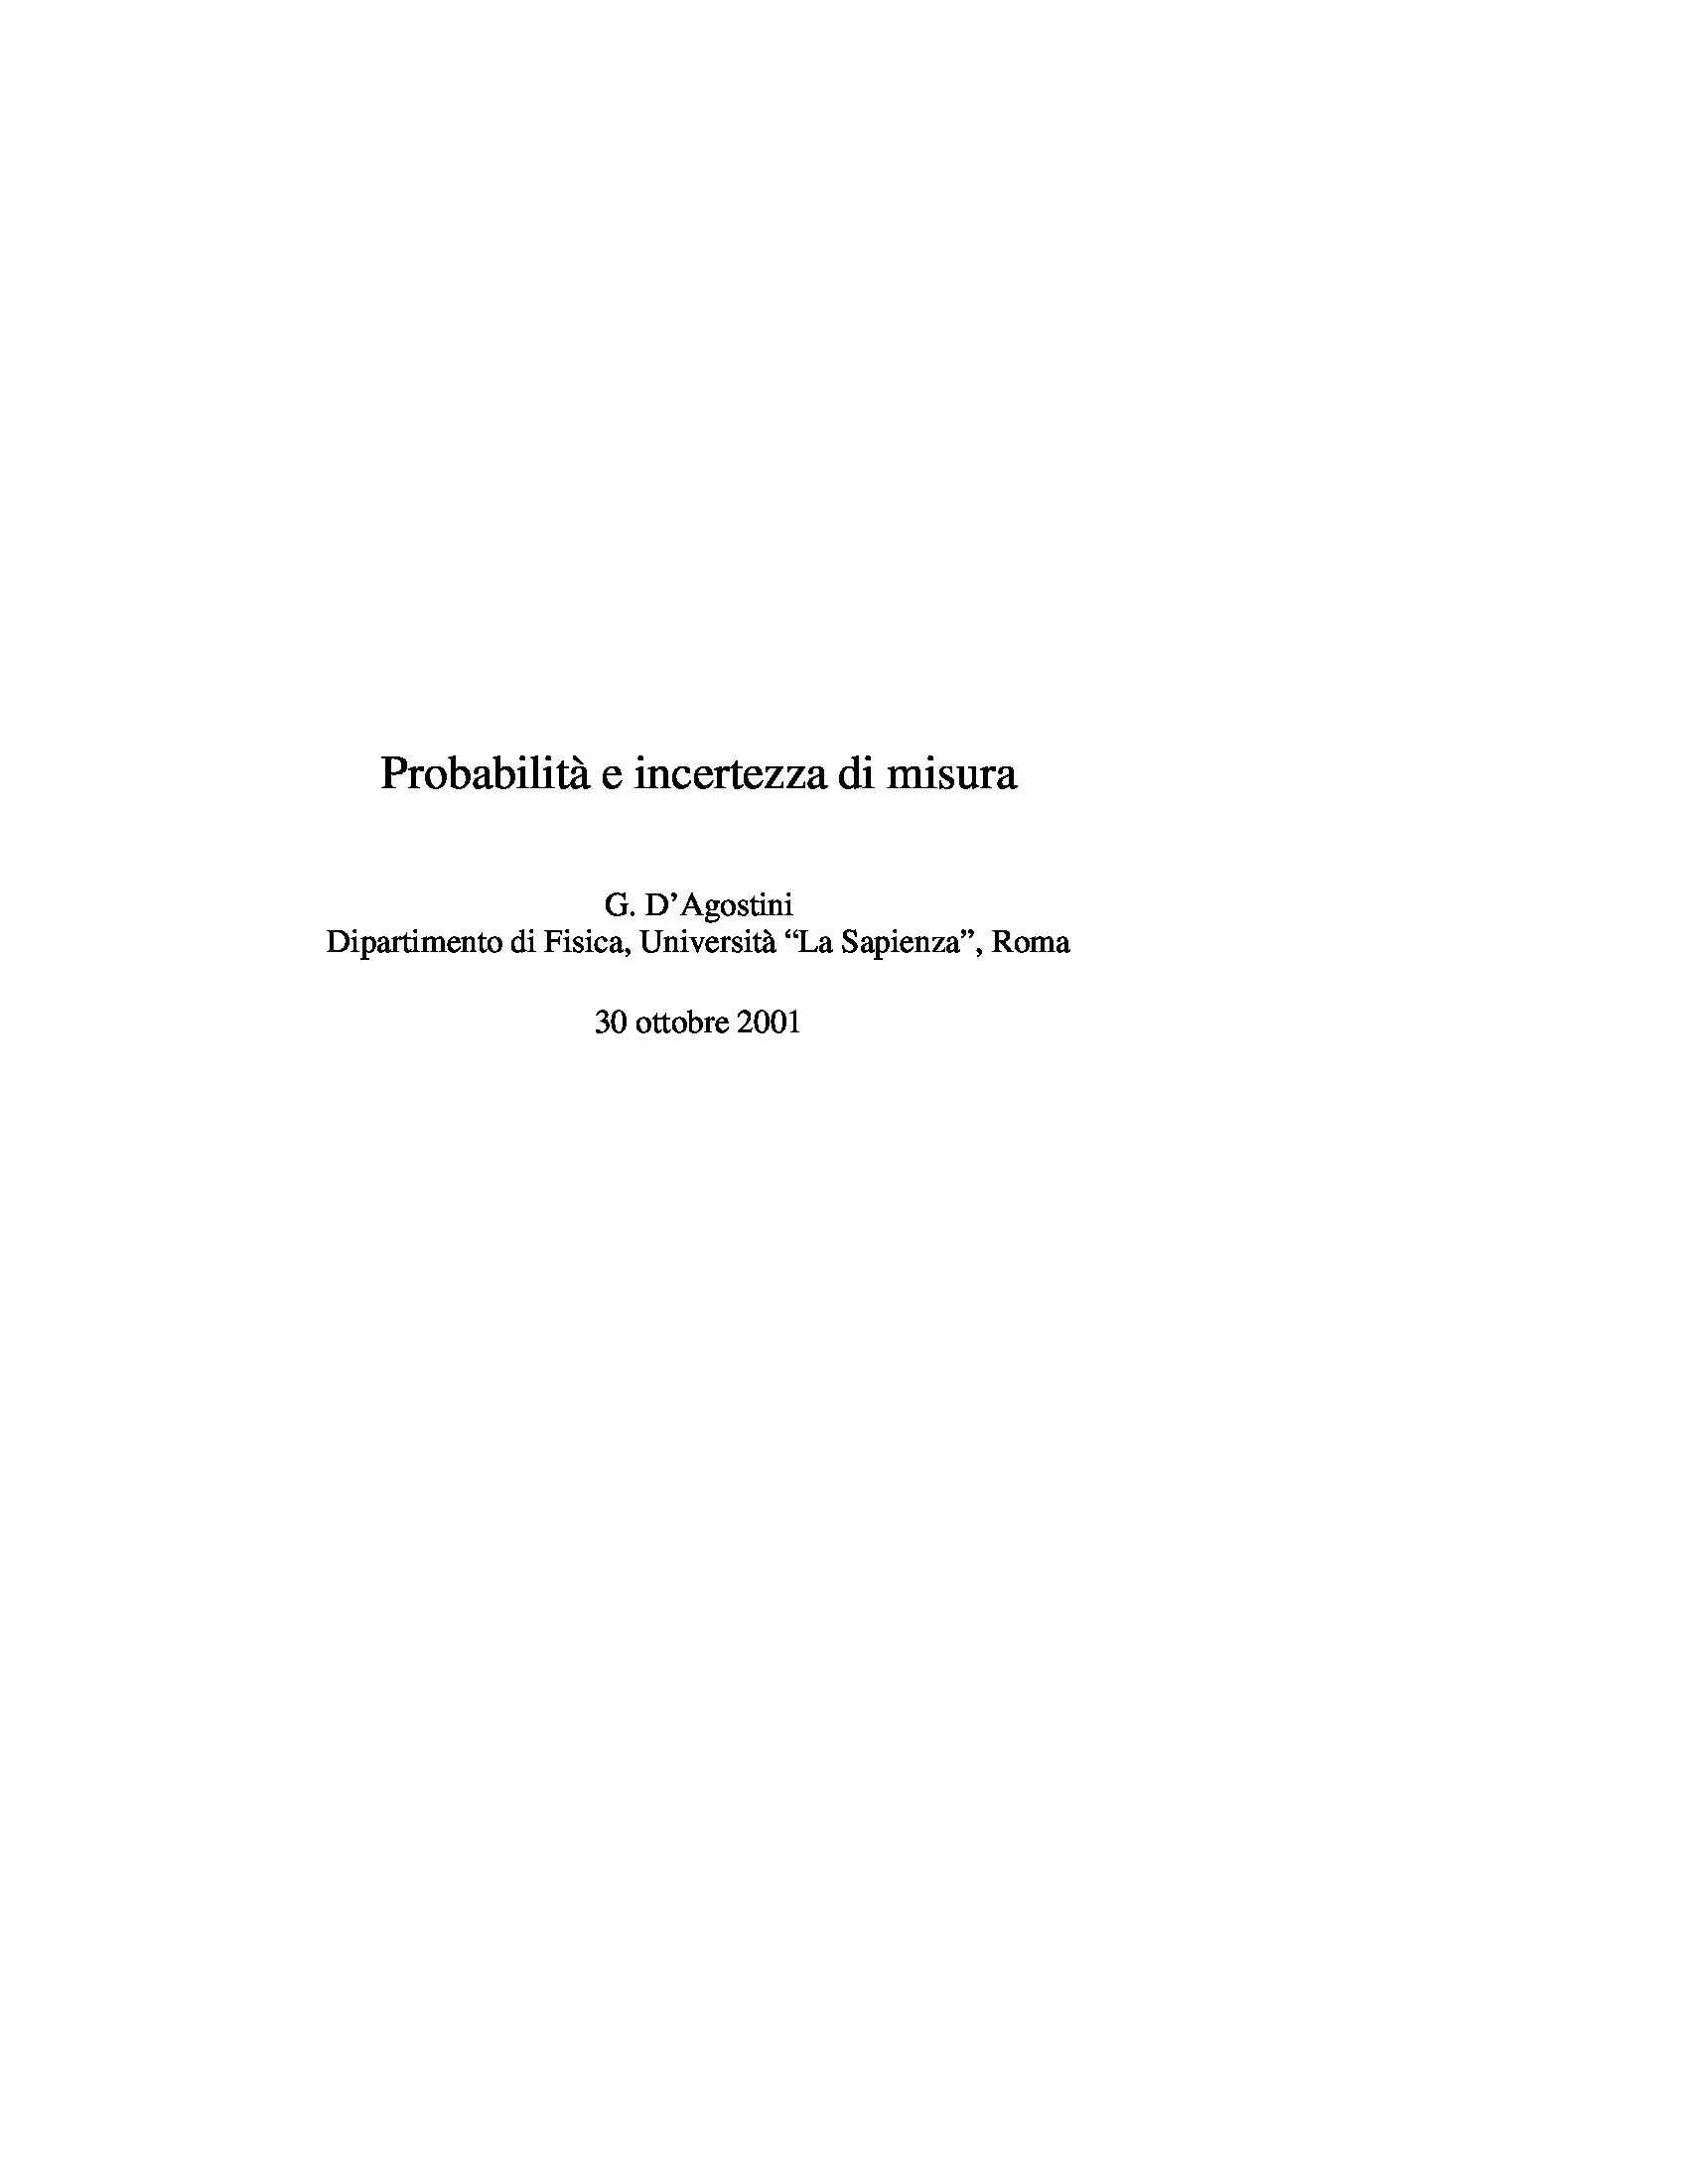 Dispensa di Fisica - Probabilità e incertezza di misura